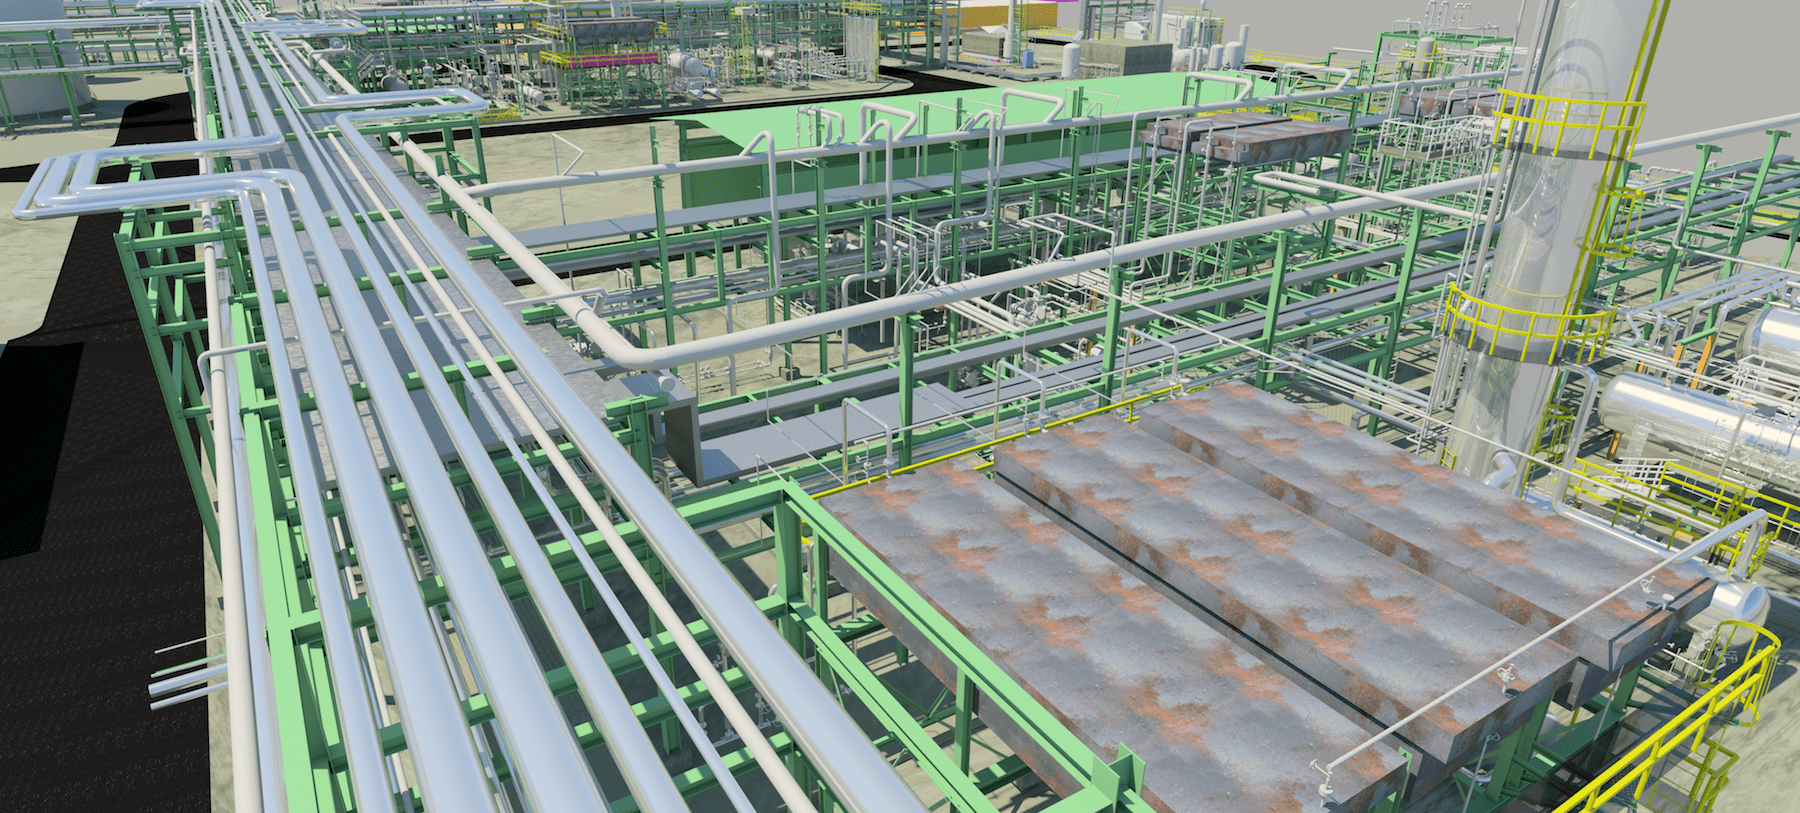 Modelli 3D realizzati da scansione laser_2